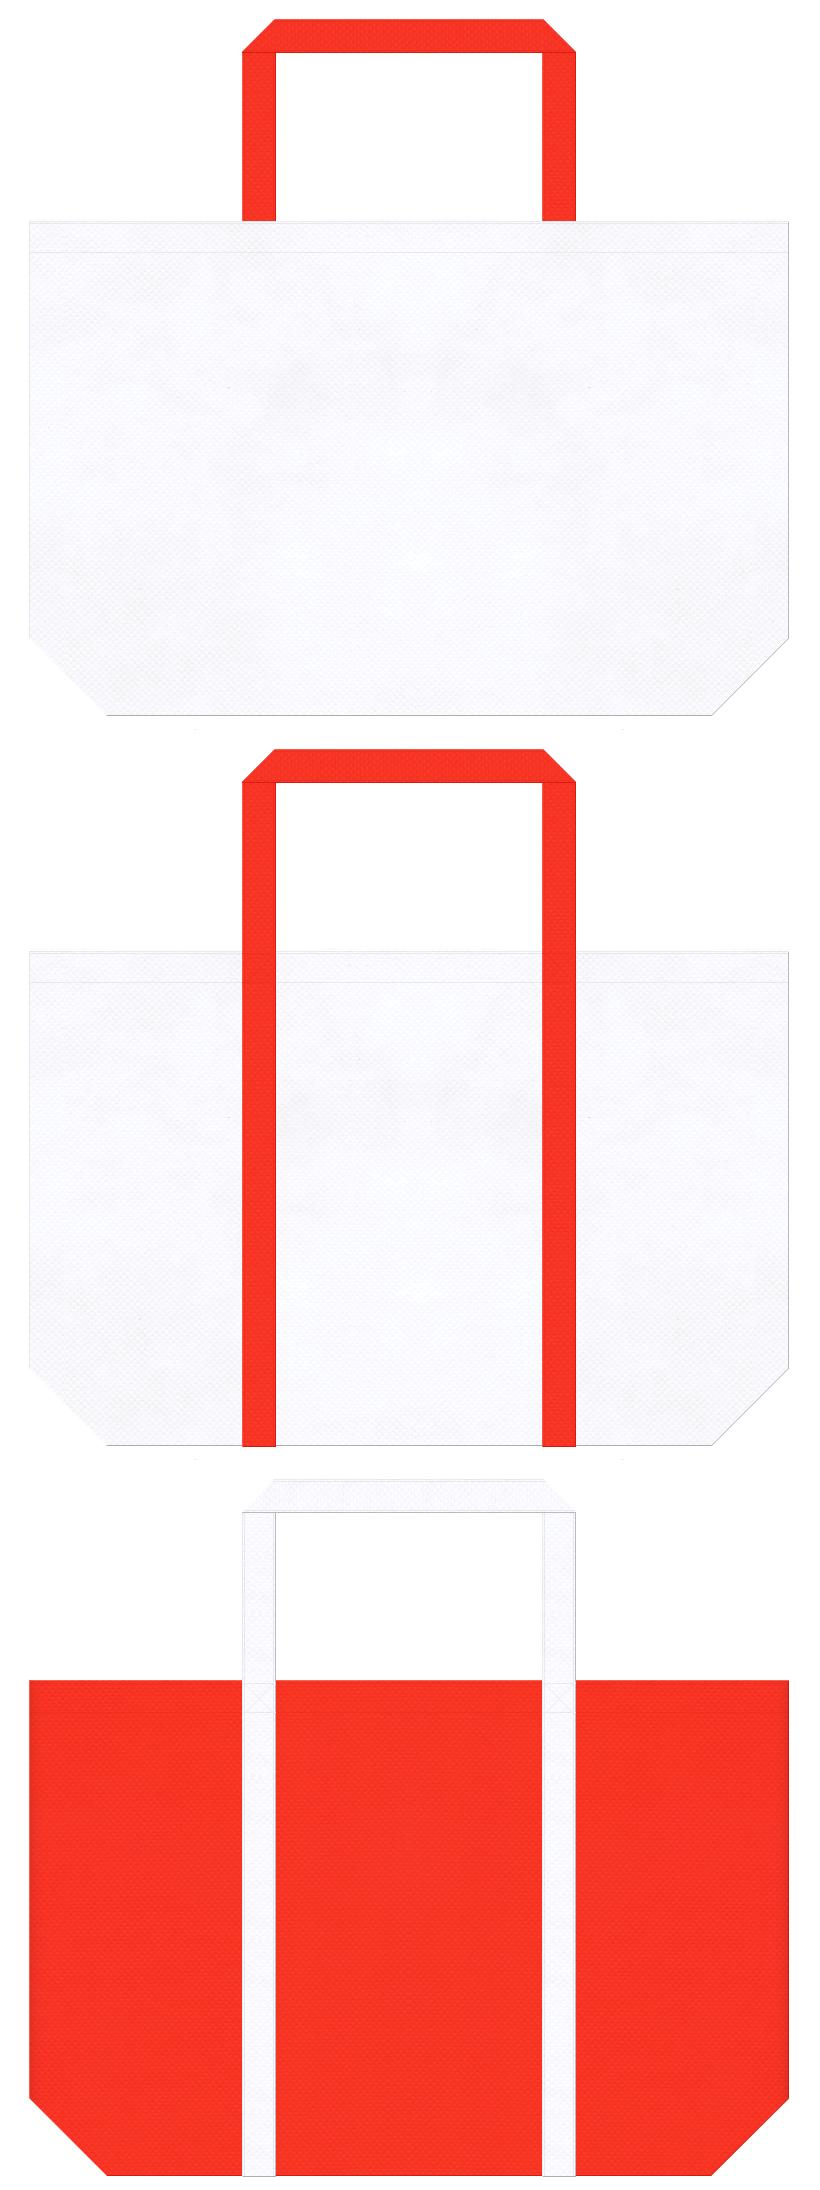 サプリメント・ビタミン・キッチン用品・レシピ・クッキング・料理教室・学校・学園・オープンキャンパス・スポーツイベント・スポーツバッグにお奨めの不織布バッグデザイン:白色とオレンジ色のコーデ